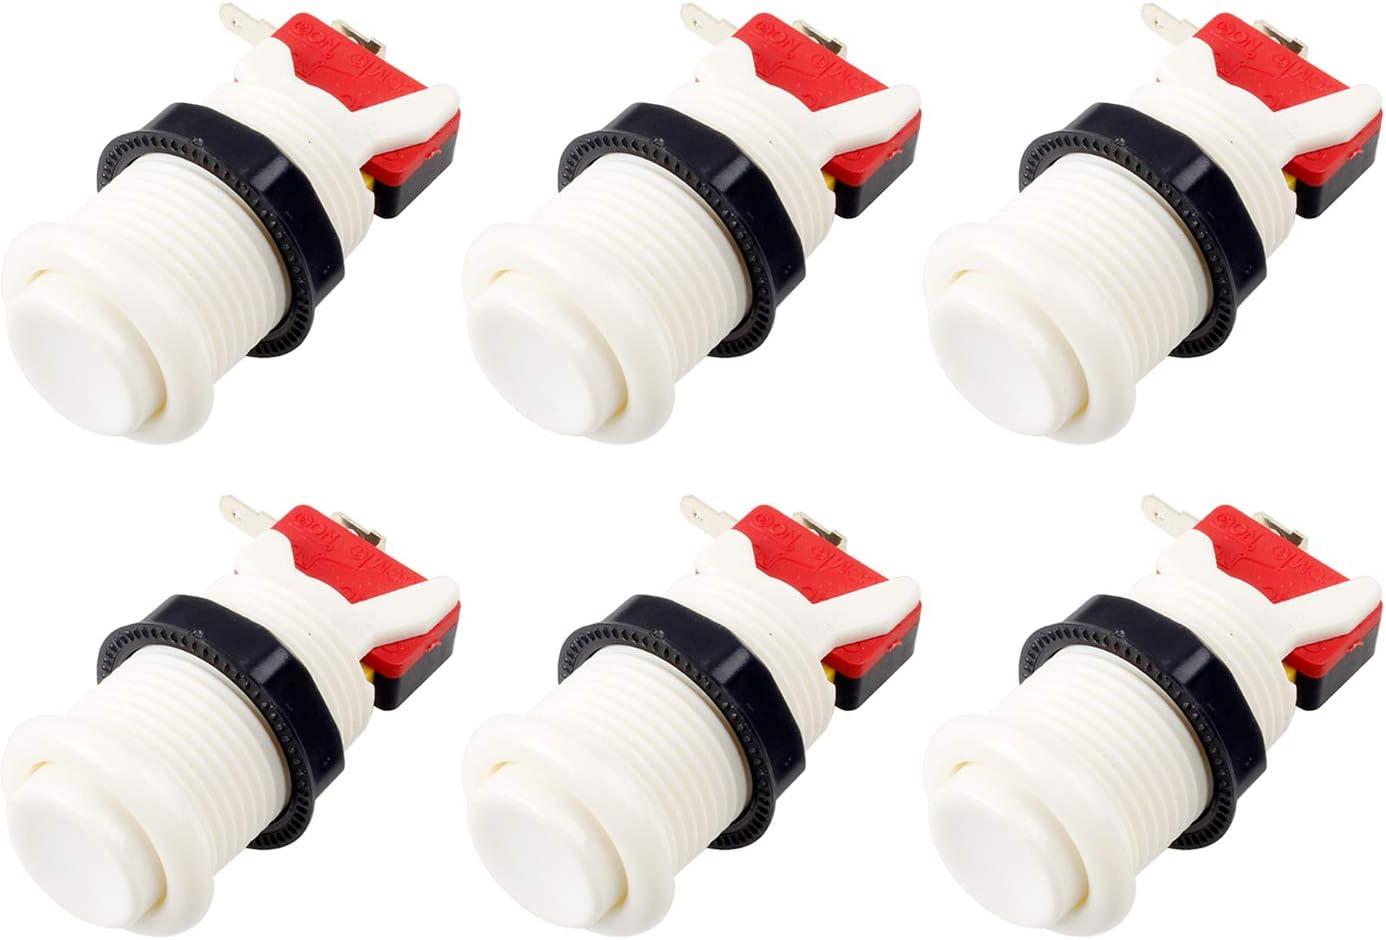 EG STARTS 6X Americano Estilo Estándar Botones Arcade Switches conmutables Tipo Happ de 30mm Terminales de 187